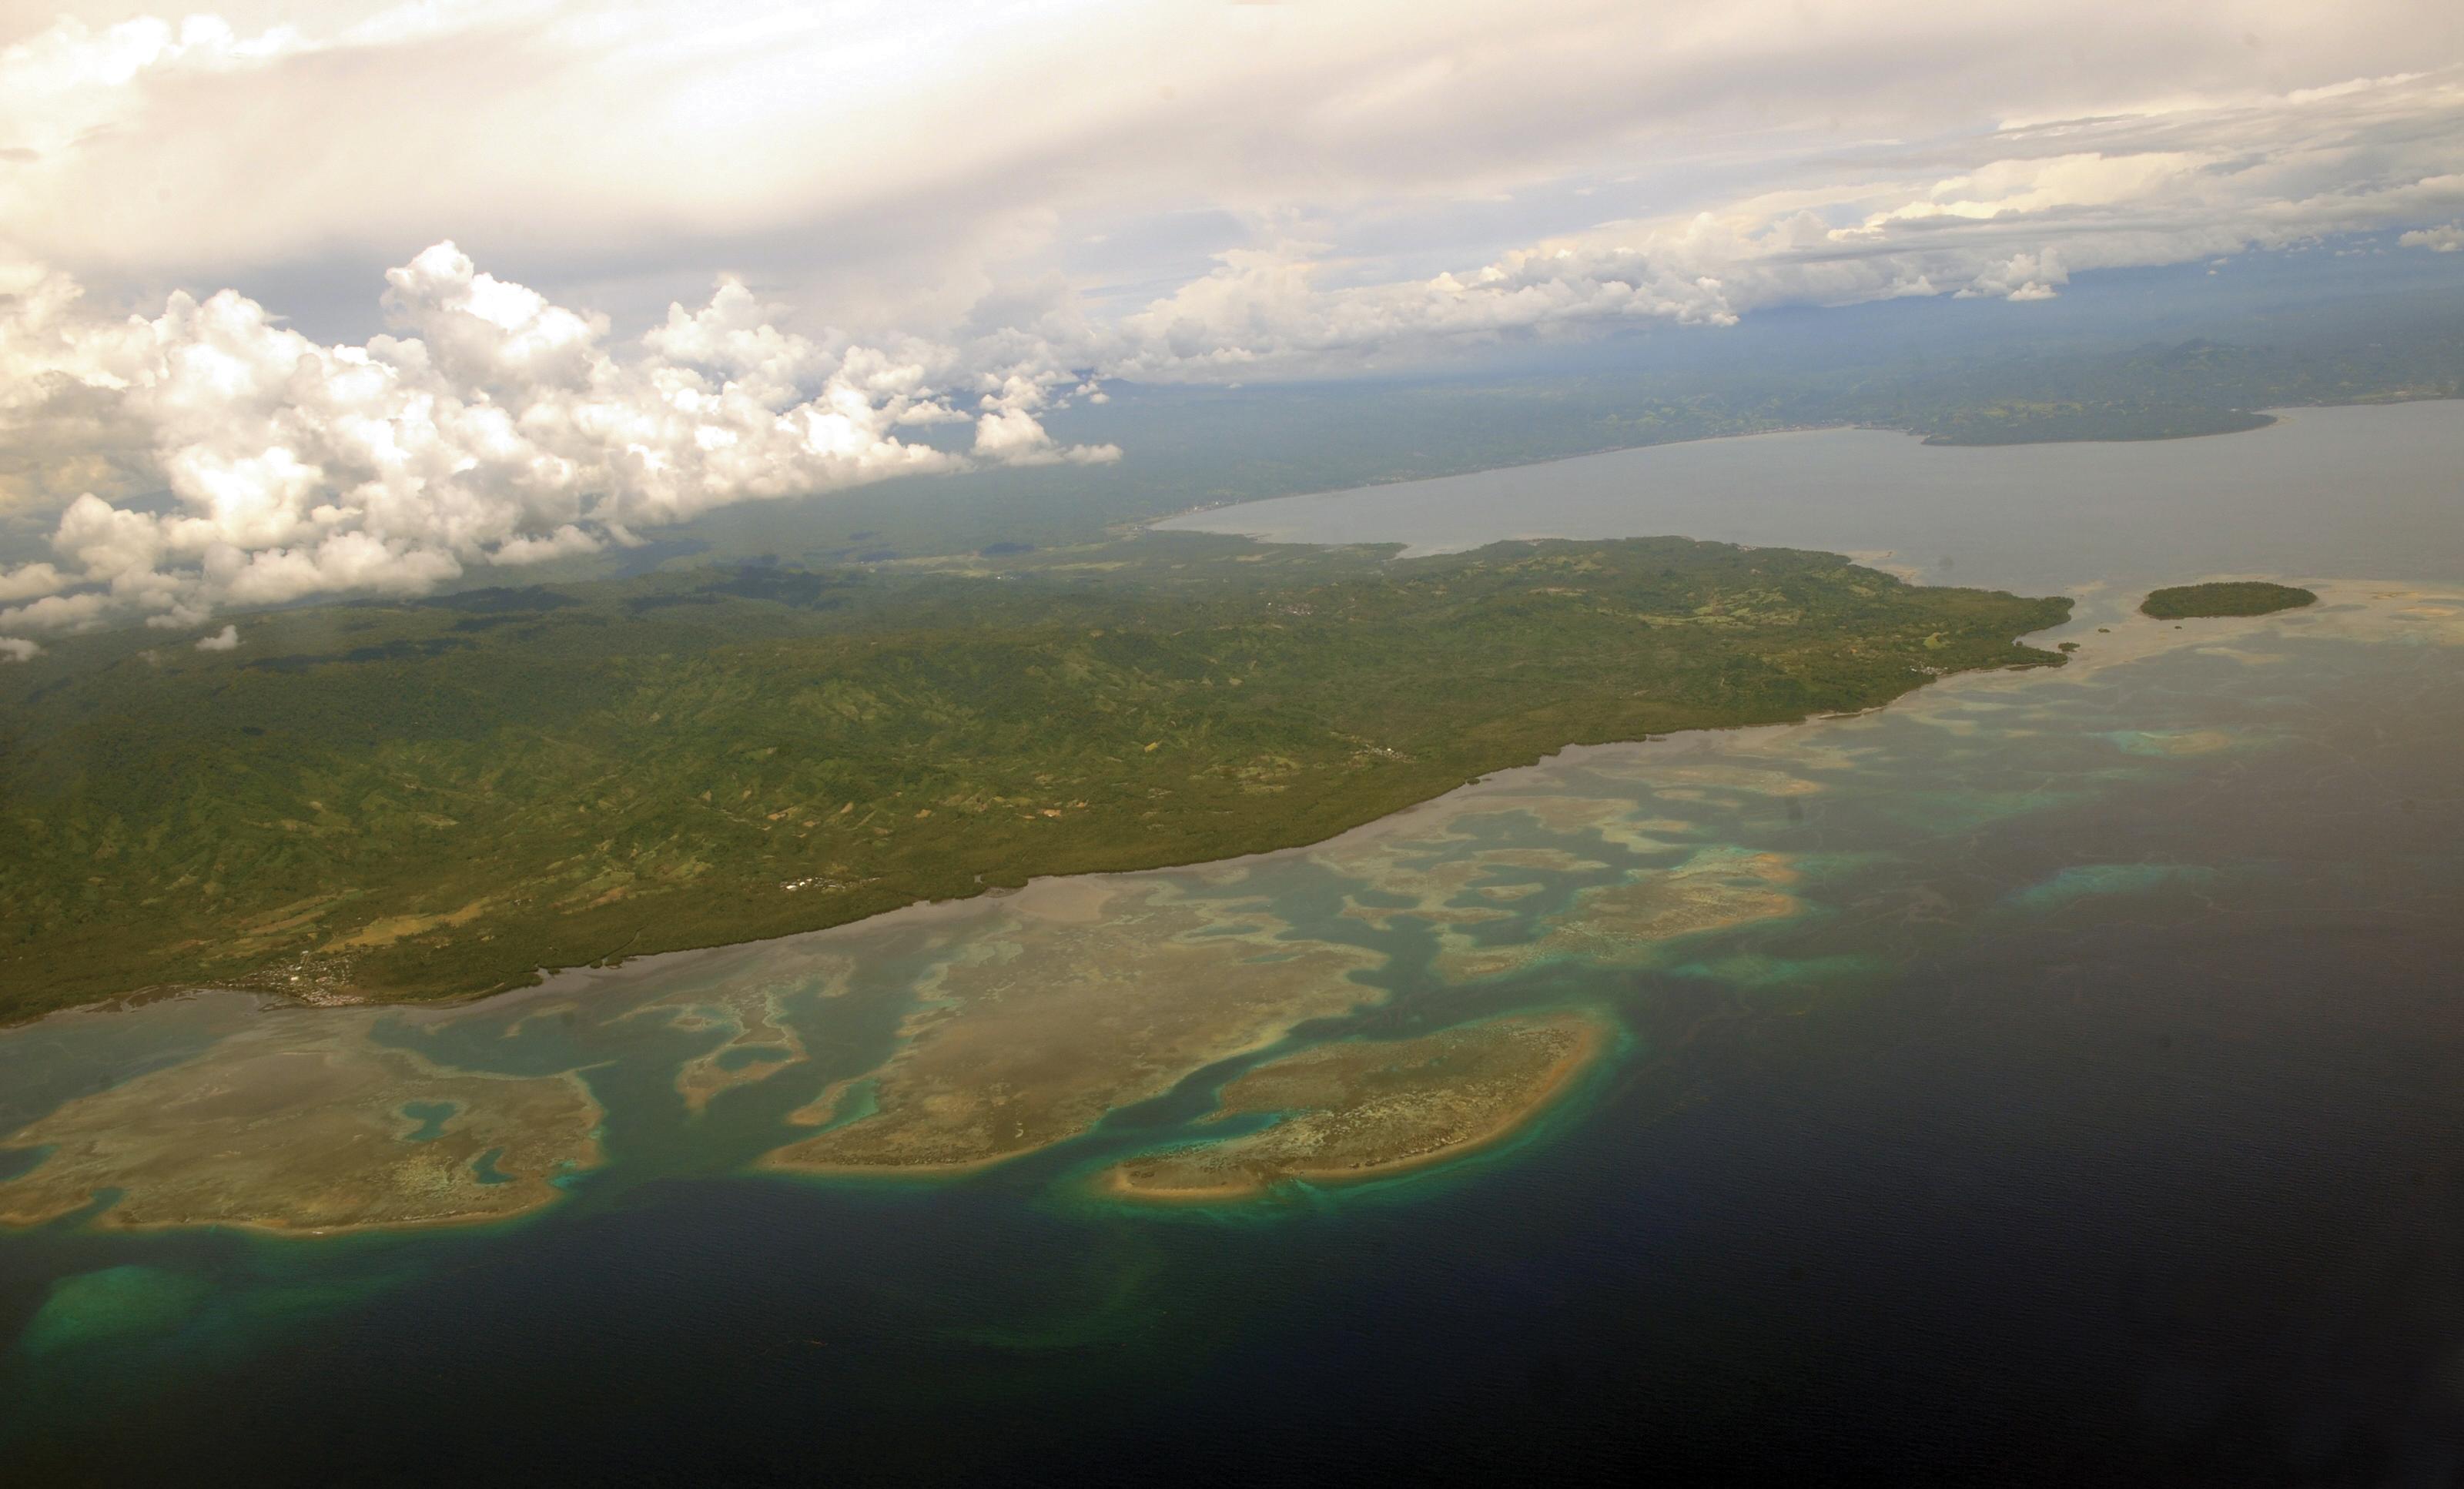 Des humains sur une île indonésienne plus tôt que supposé